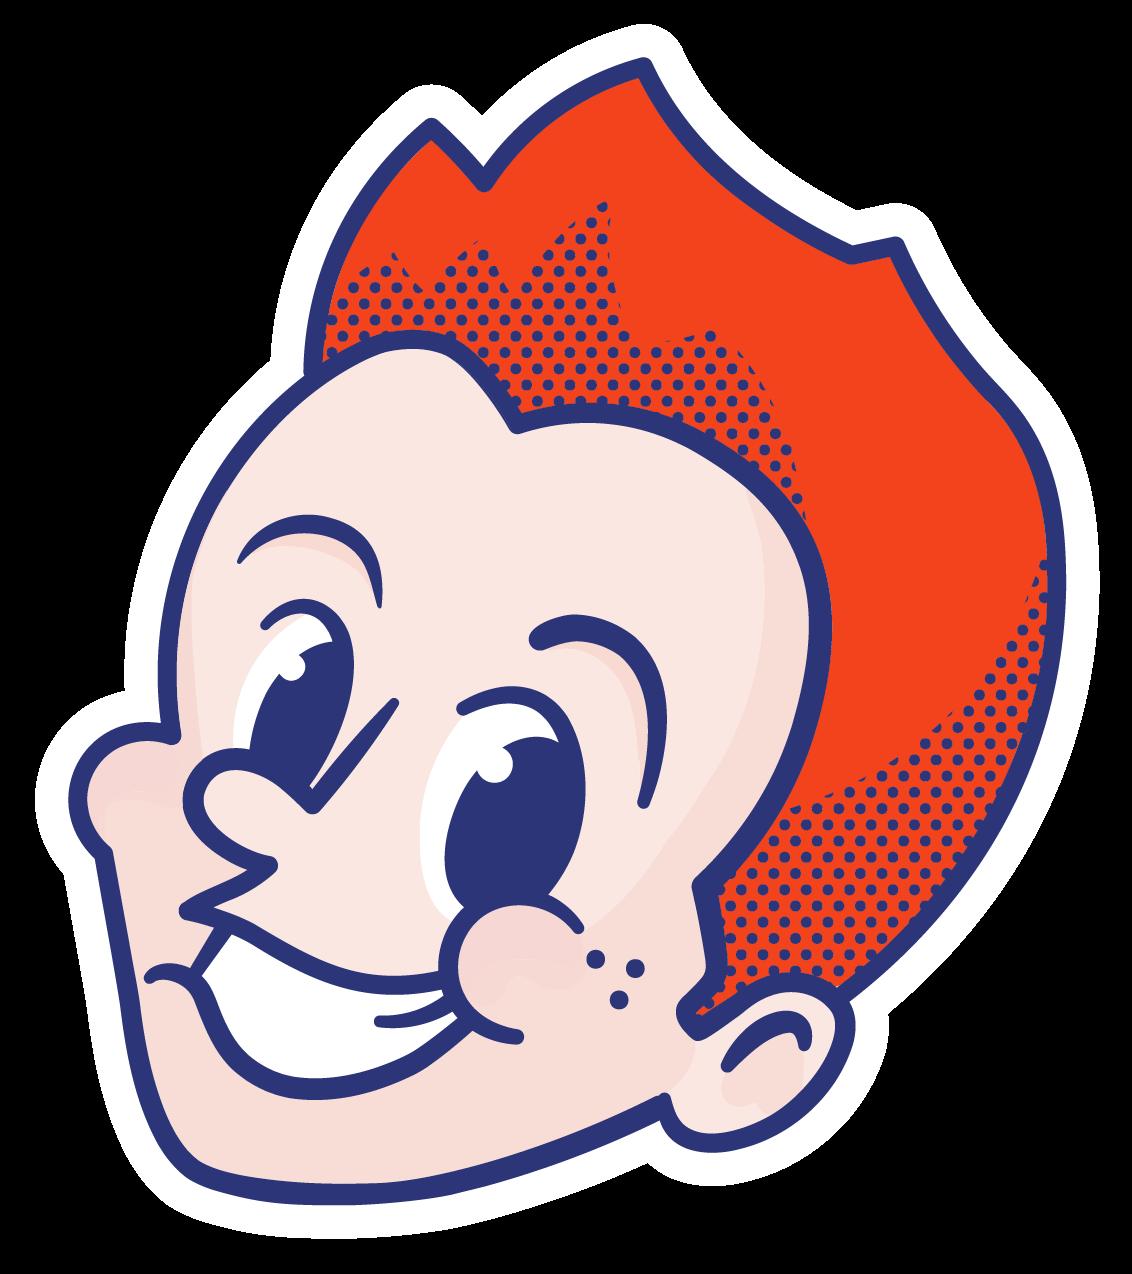 Le P'tit Roux logo mascotte